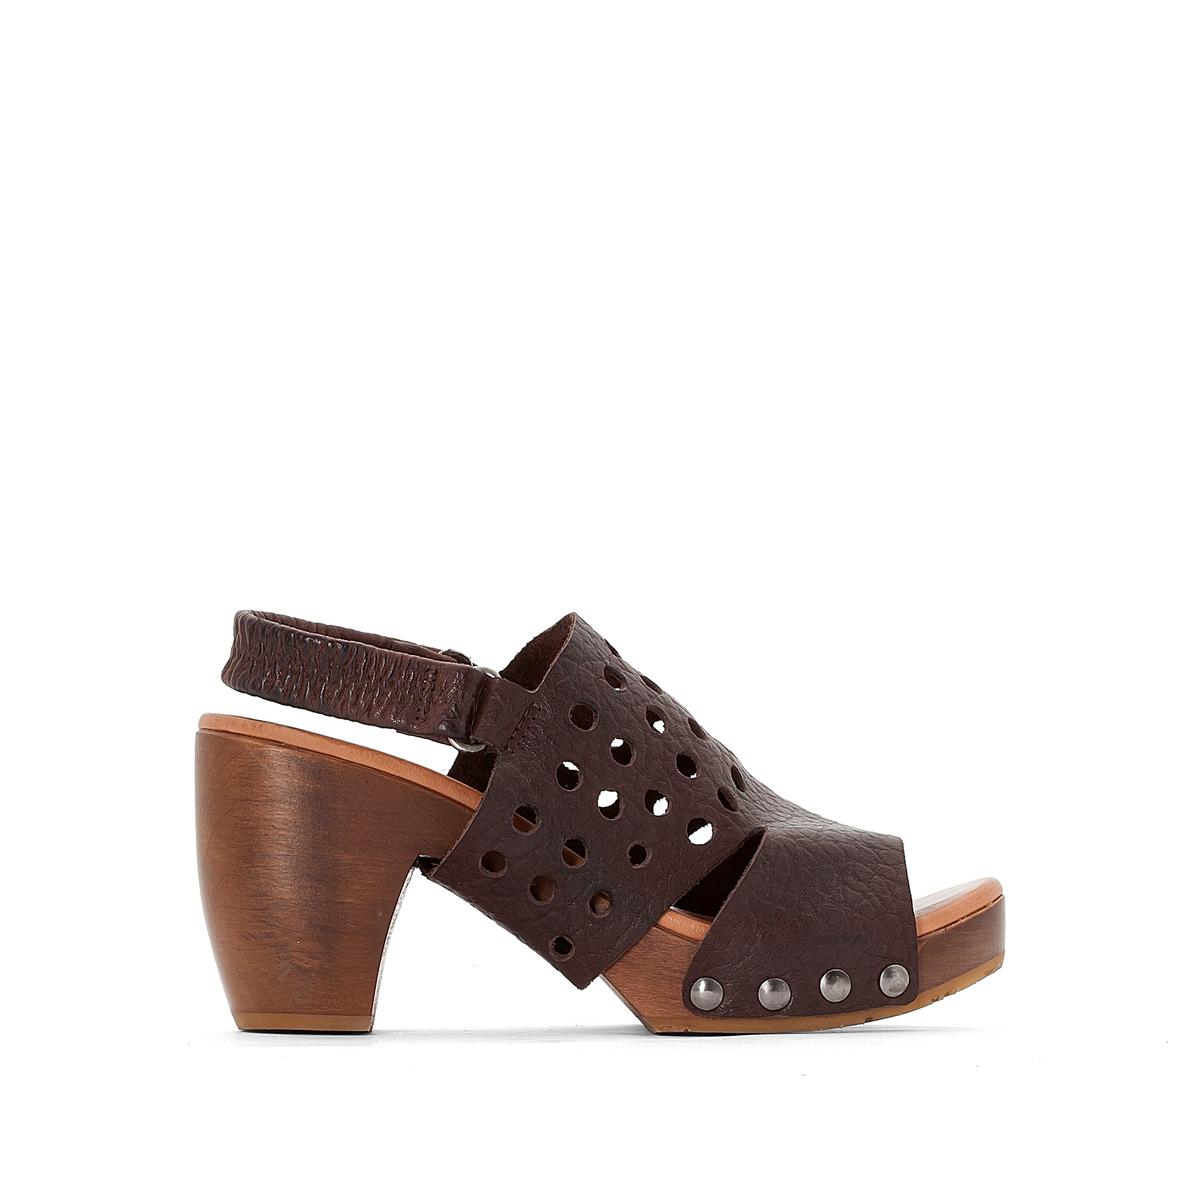 Босоножки кожаные DelinaВерх : кожа   Подкладка : кожа   Стелька : кожа   Подошва : резина   Высота каблука : 8 см   Форма каблука : квадратный каблук   Мысок : открытый мысок   Застежка : без застежки<br><br>Цвет: темный каштан<br>Размер: 39